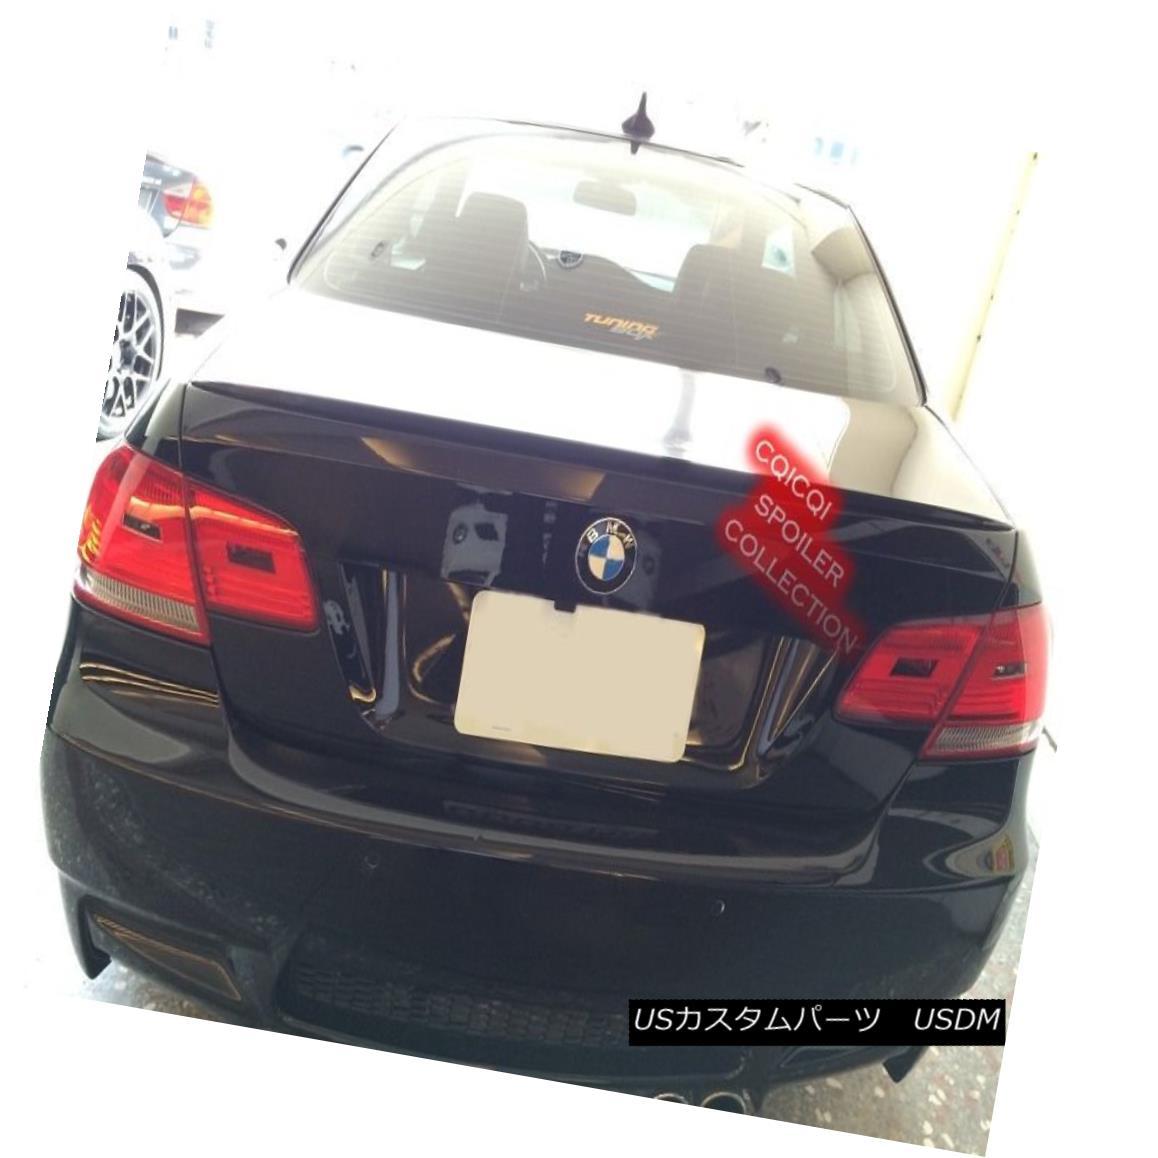 エアロパーツ Painted BMW 2007~2013 E92 3-series coupe M3 type trunk spoiler color-668 Black ◎ ペイントされたBMW 2007?2013 E92 3シリーズクーペM3タイプのトランク・スポイラーcolor-668 Black?